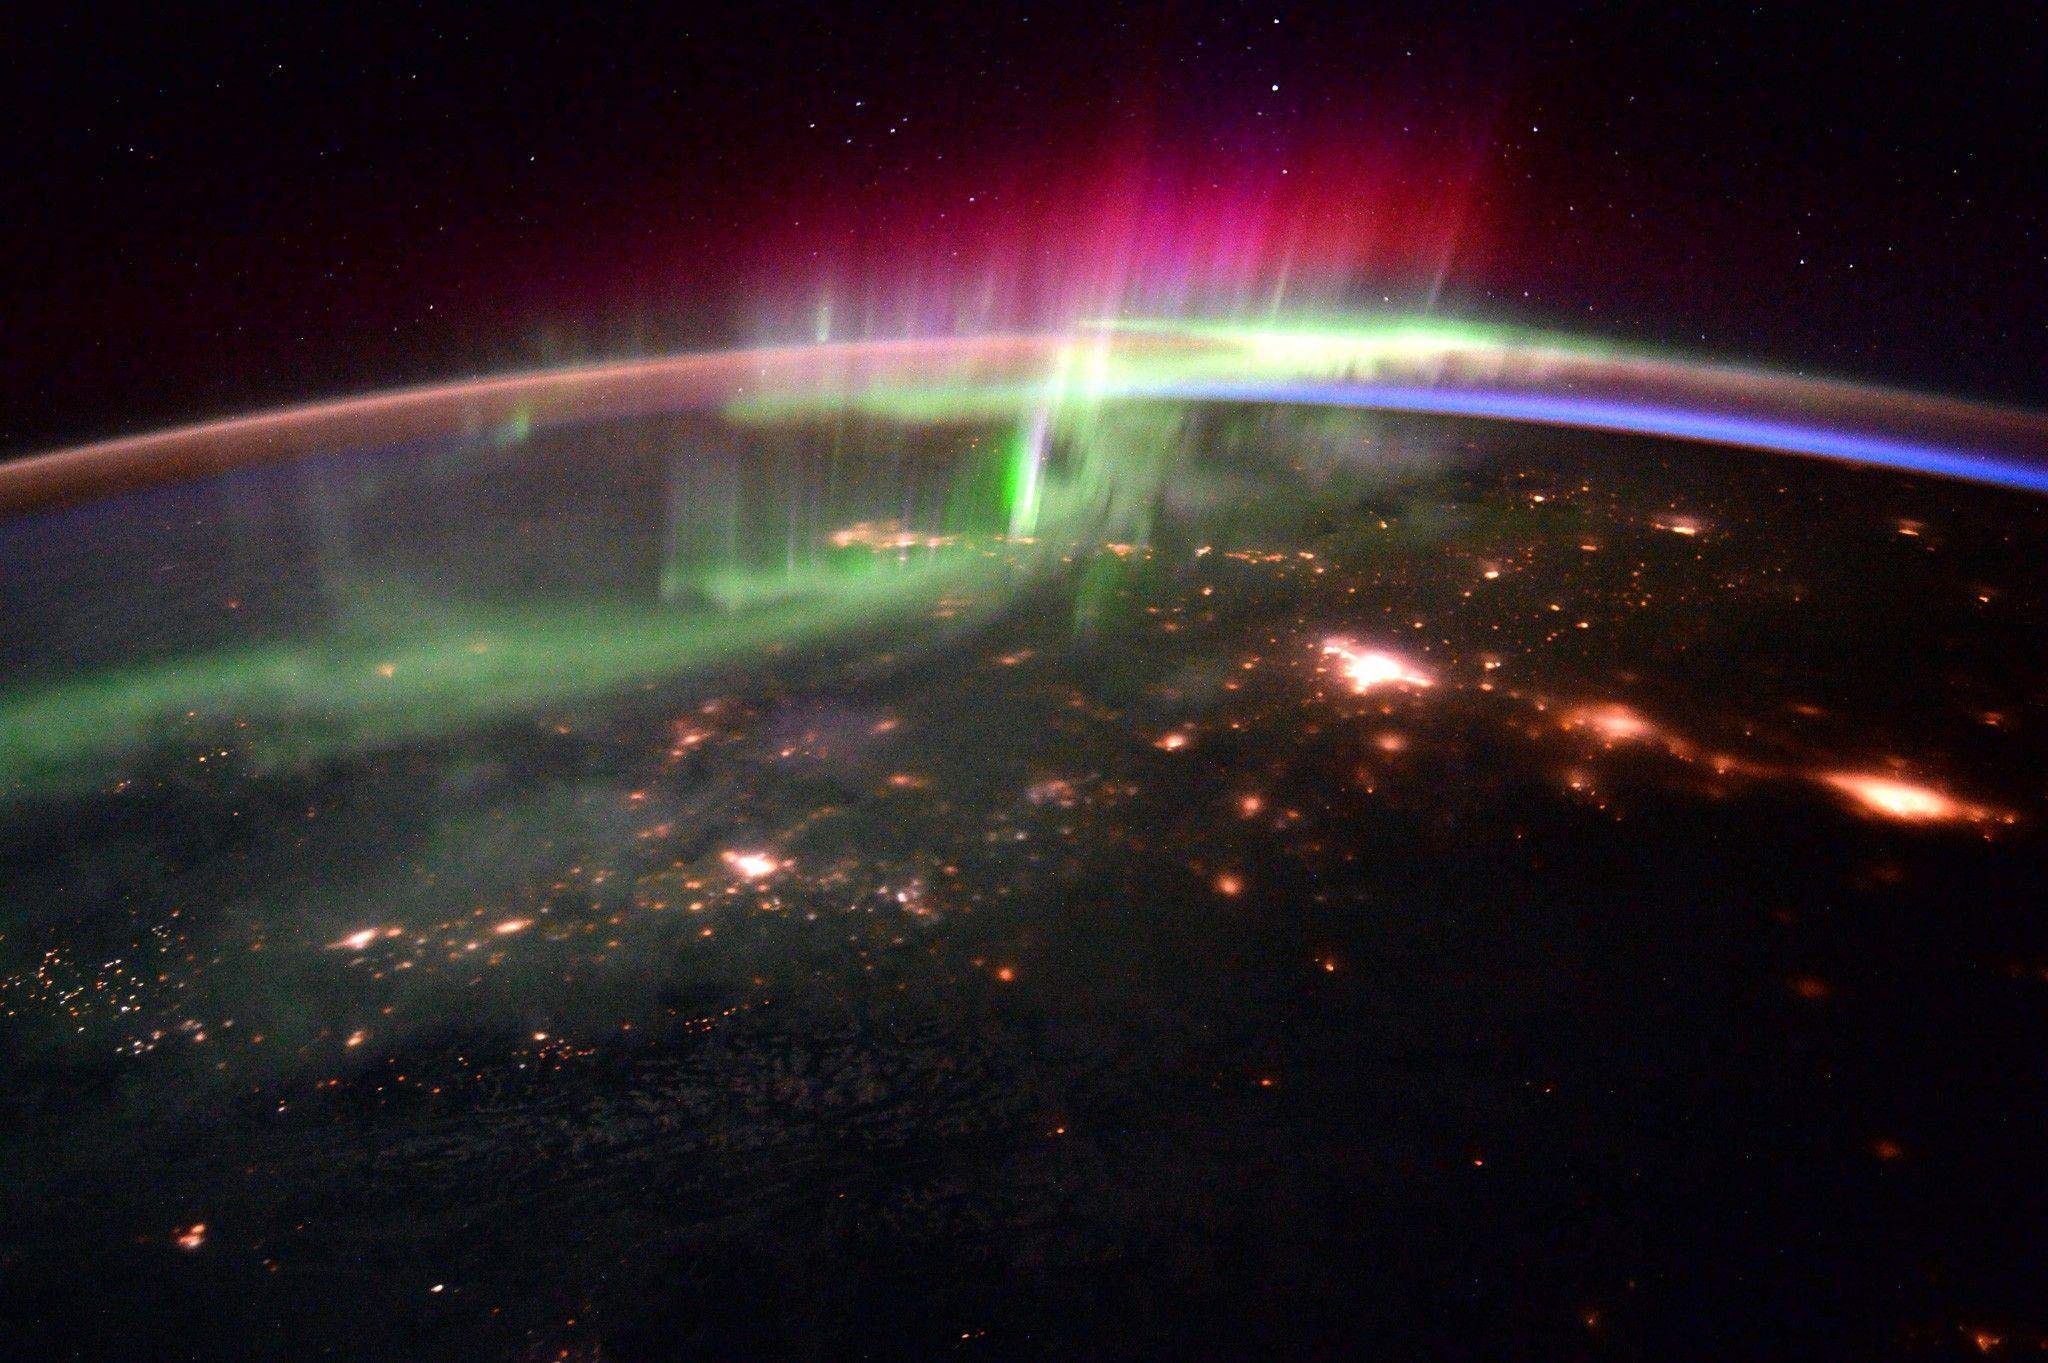 Campo magnético da Terra muda com muito mais frequência do que imaginávamos   National Geographic